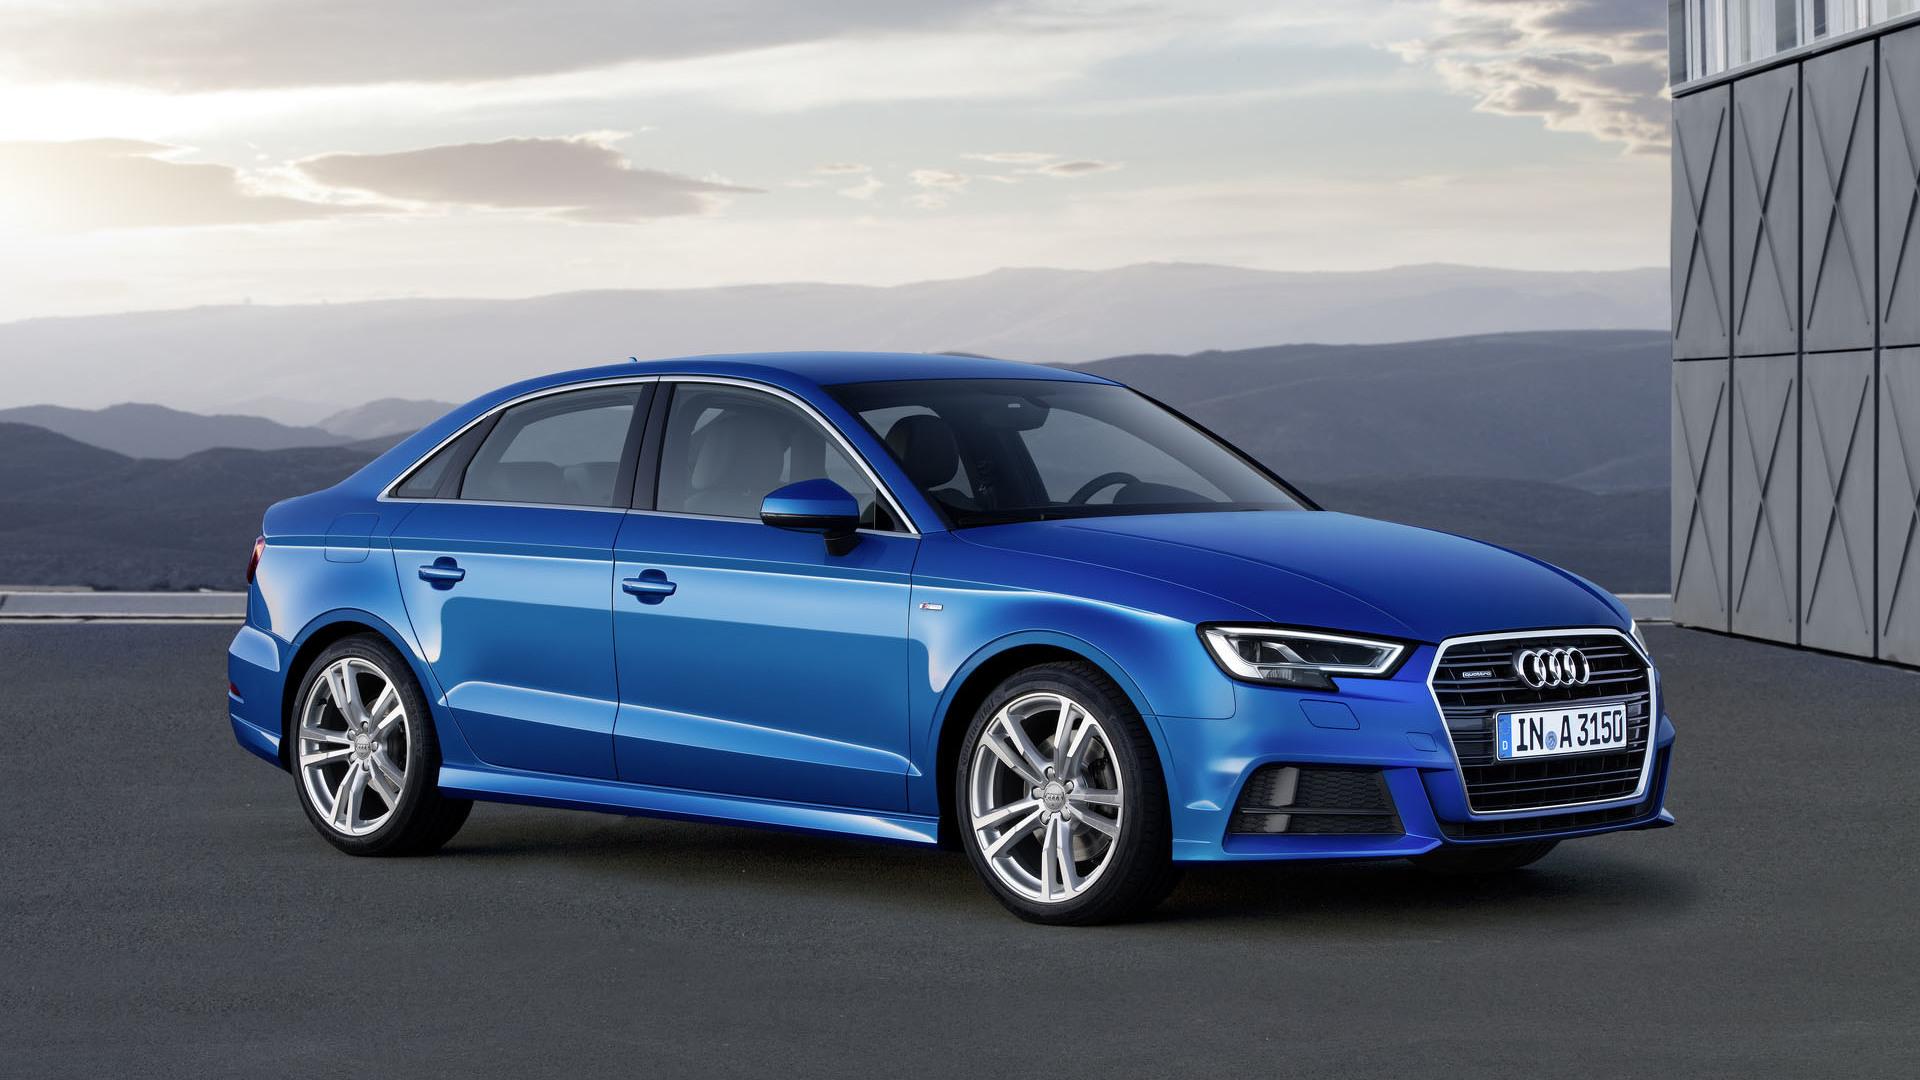 Kelebihan Kekurangan Audi A3 S3 Spesifikasi